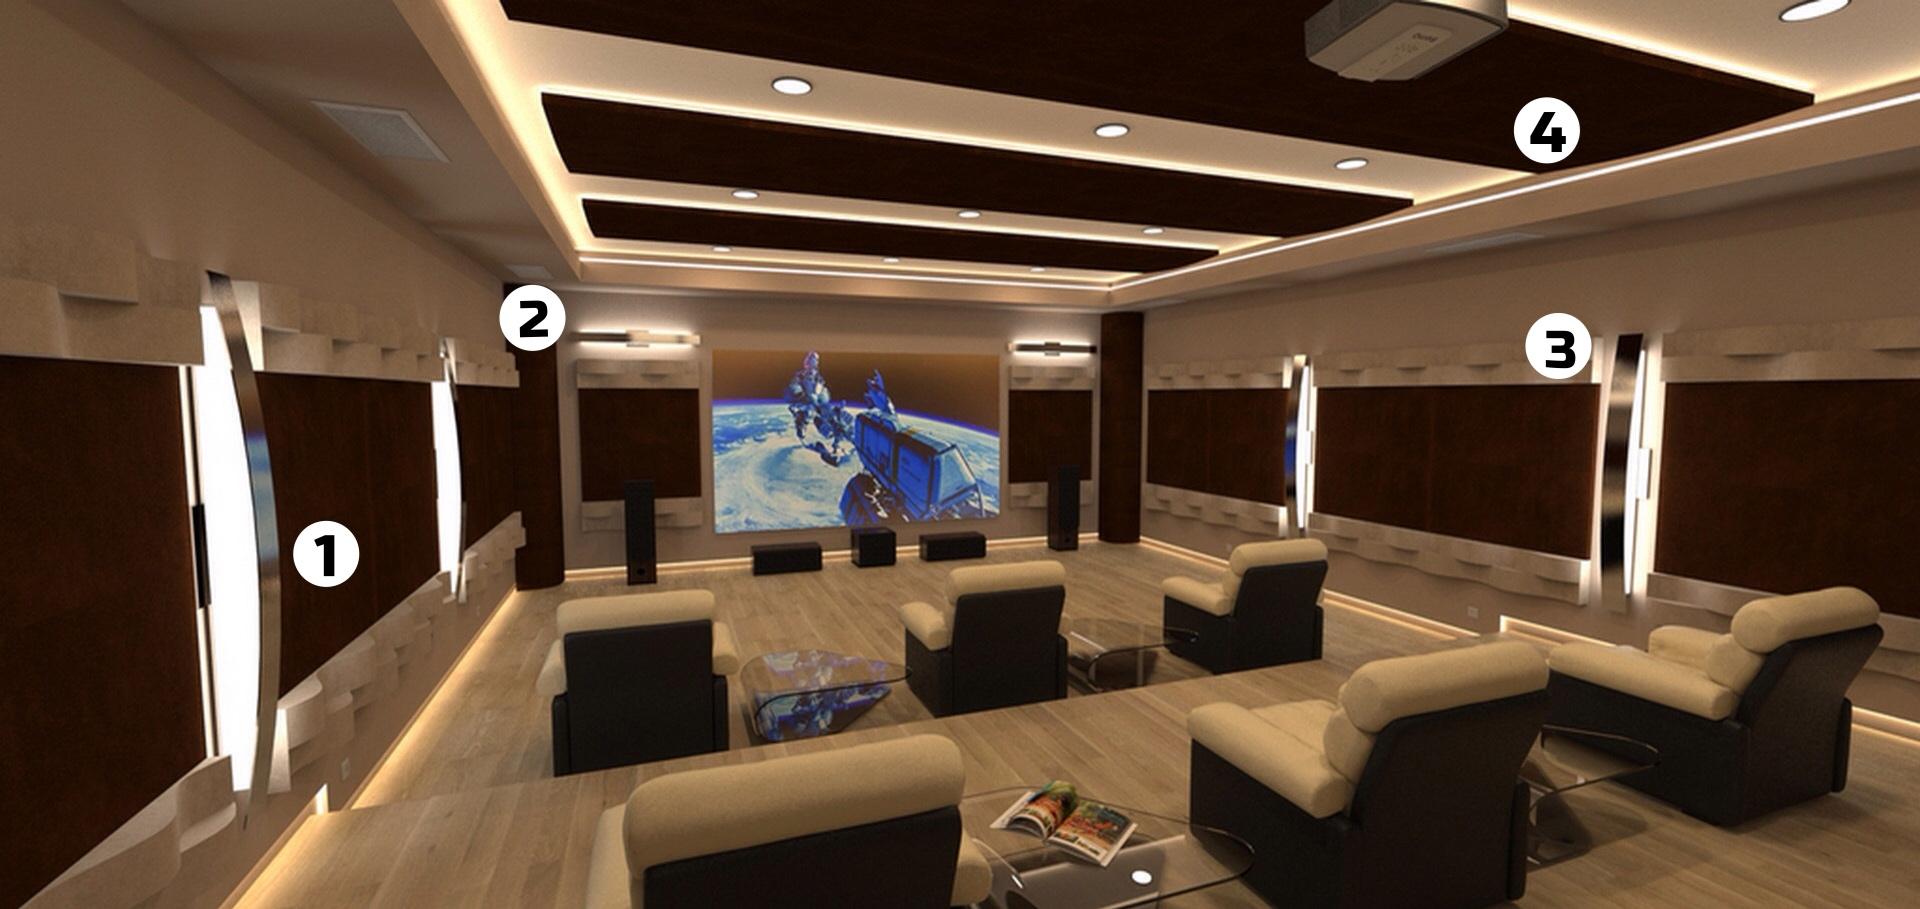 tratamiento acustico sala de cine domestica